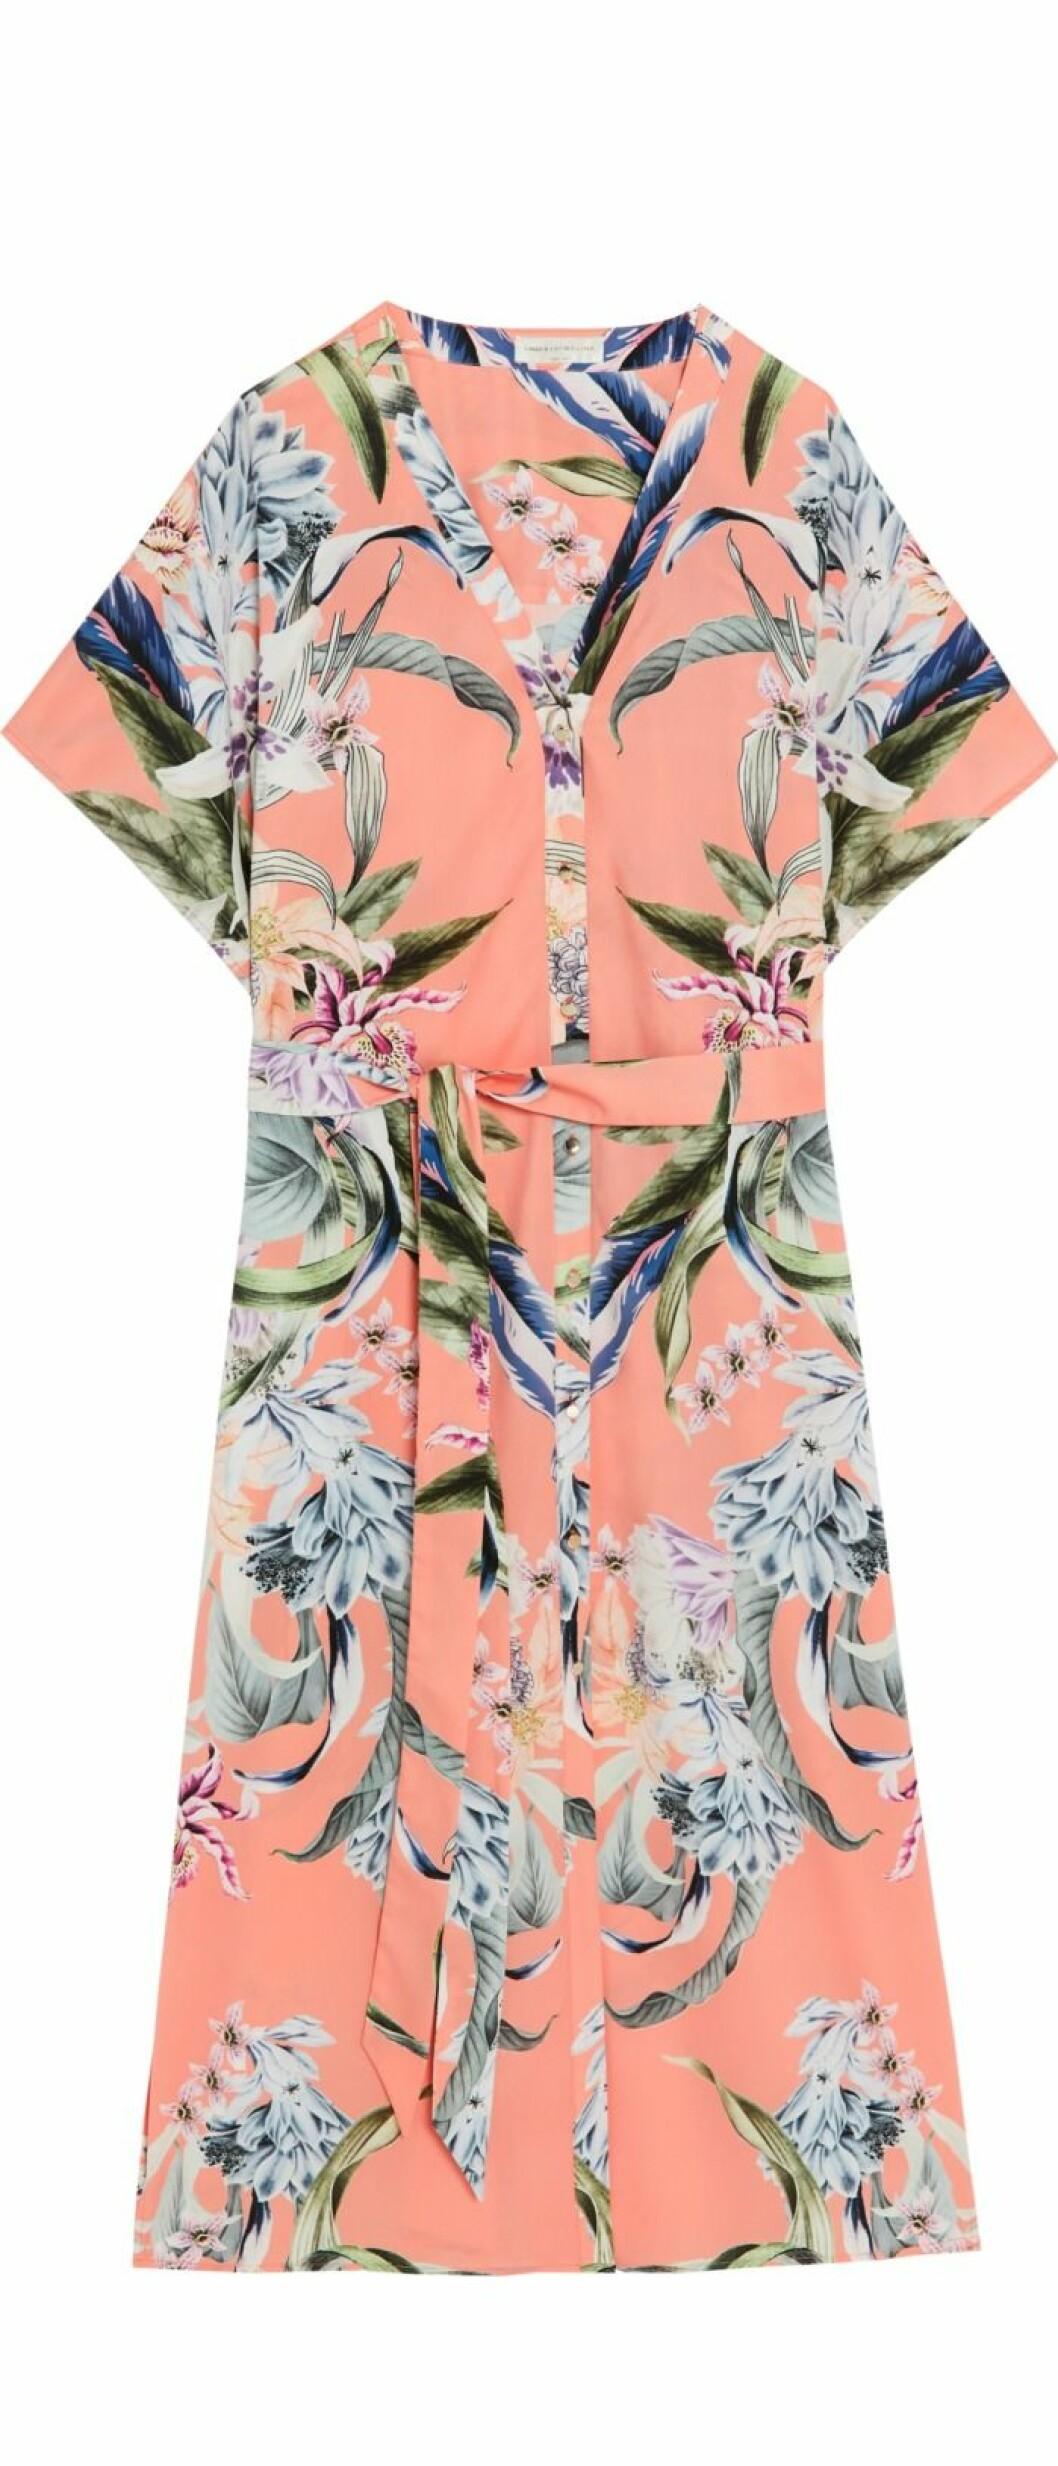 Aprikosfärgad och mönstrad skjortklänning By Malina Lindex